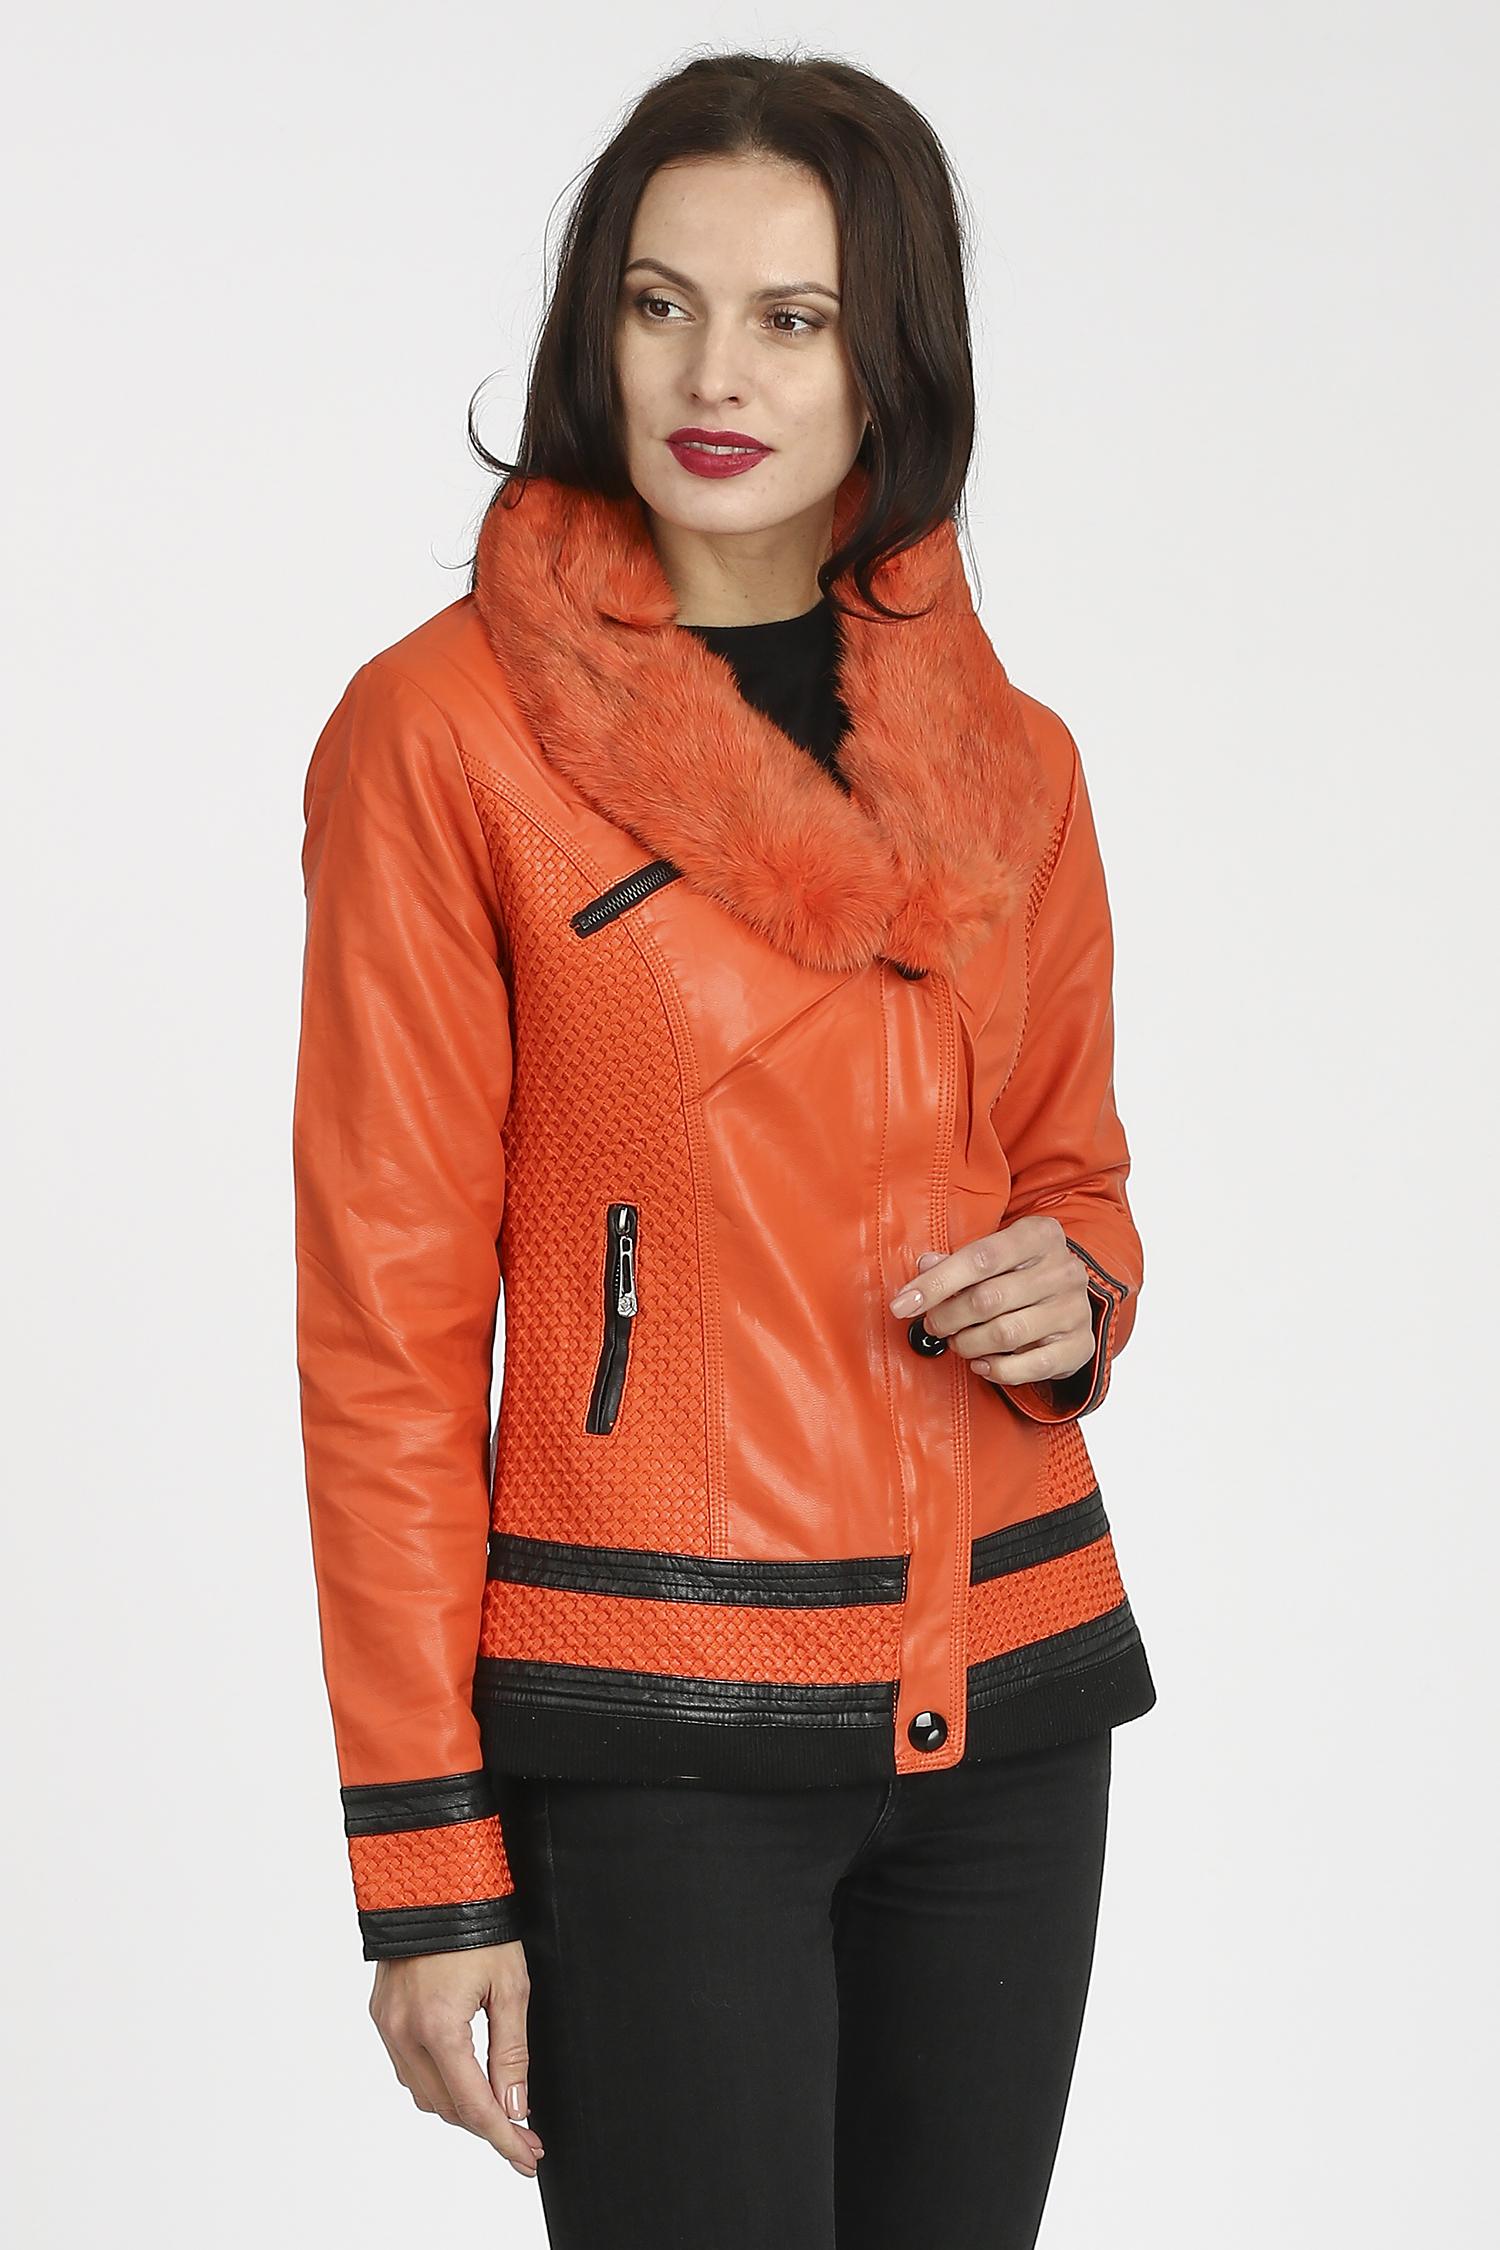 Женская кожаная куртка из эко-кожи с воротником, отделка кролик